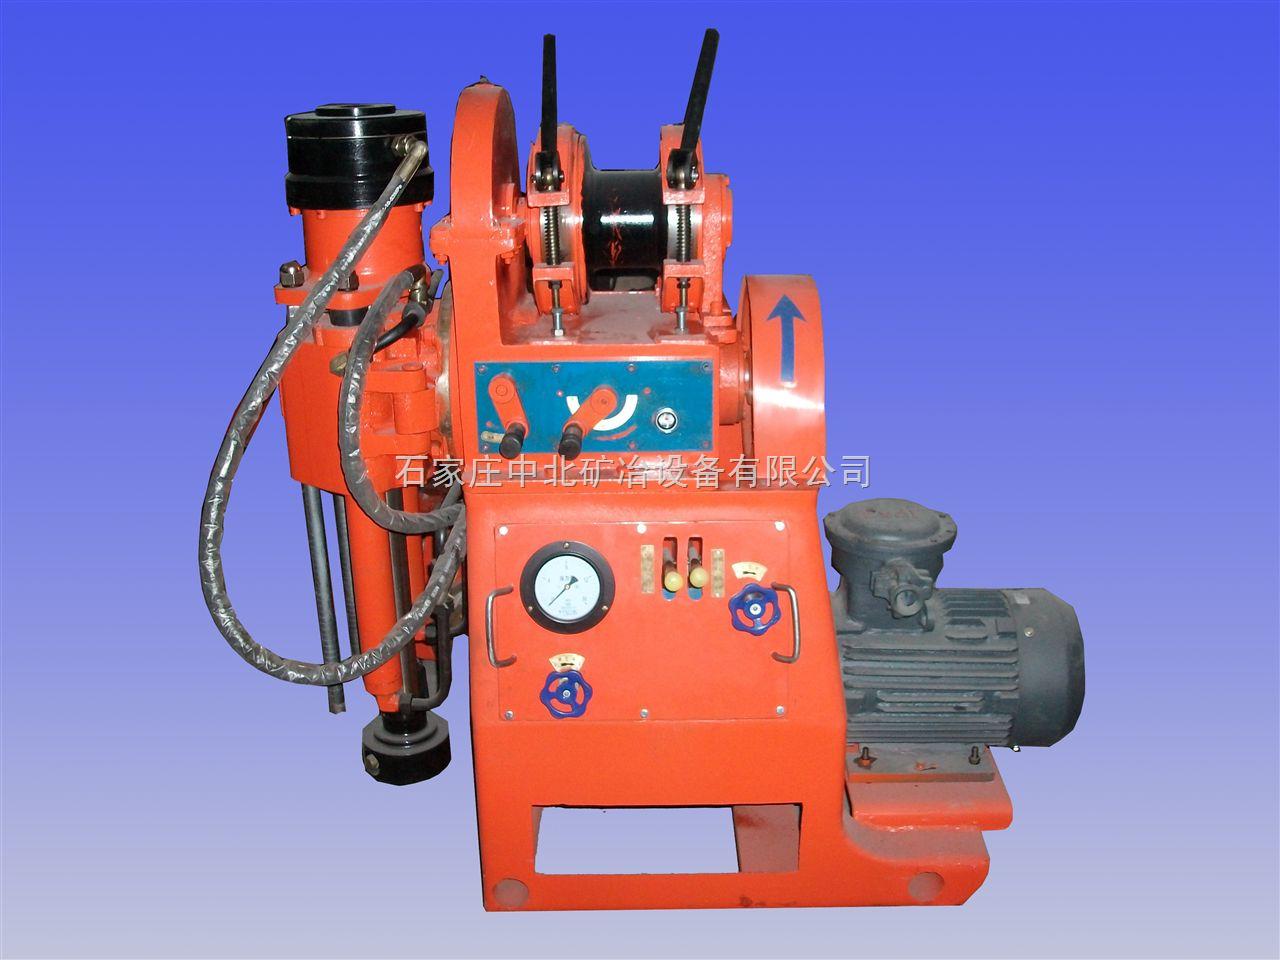 ZJ-700矿用坑道钻机